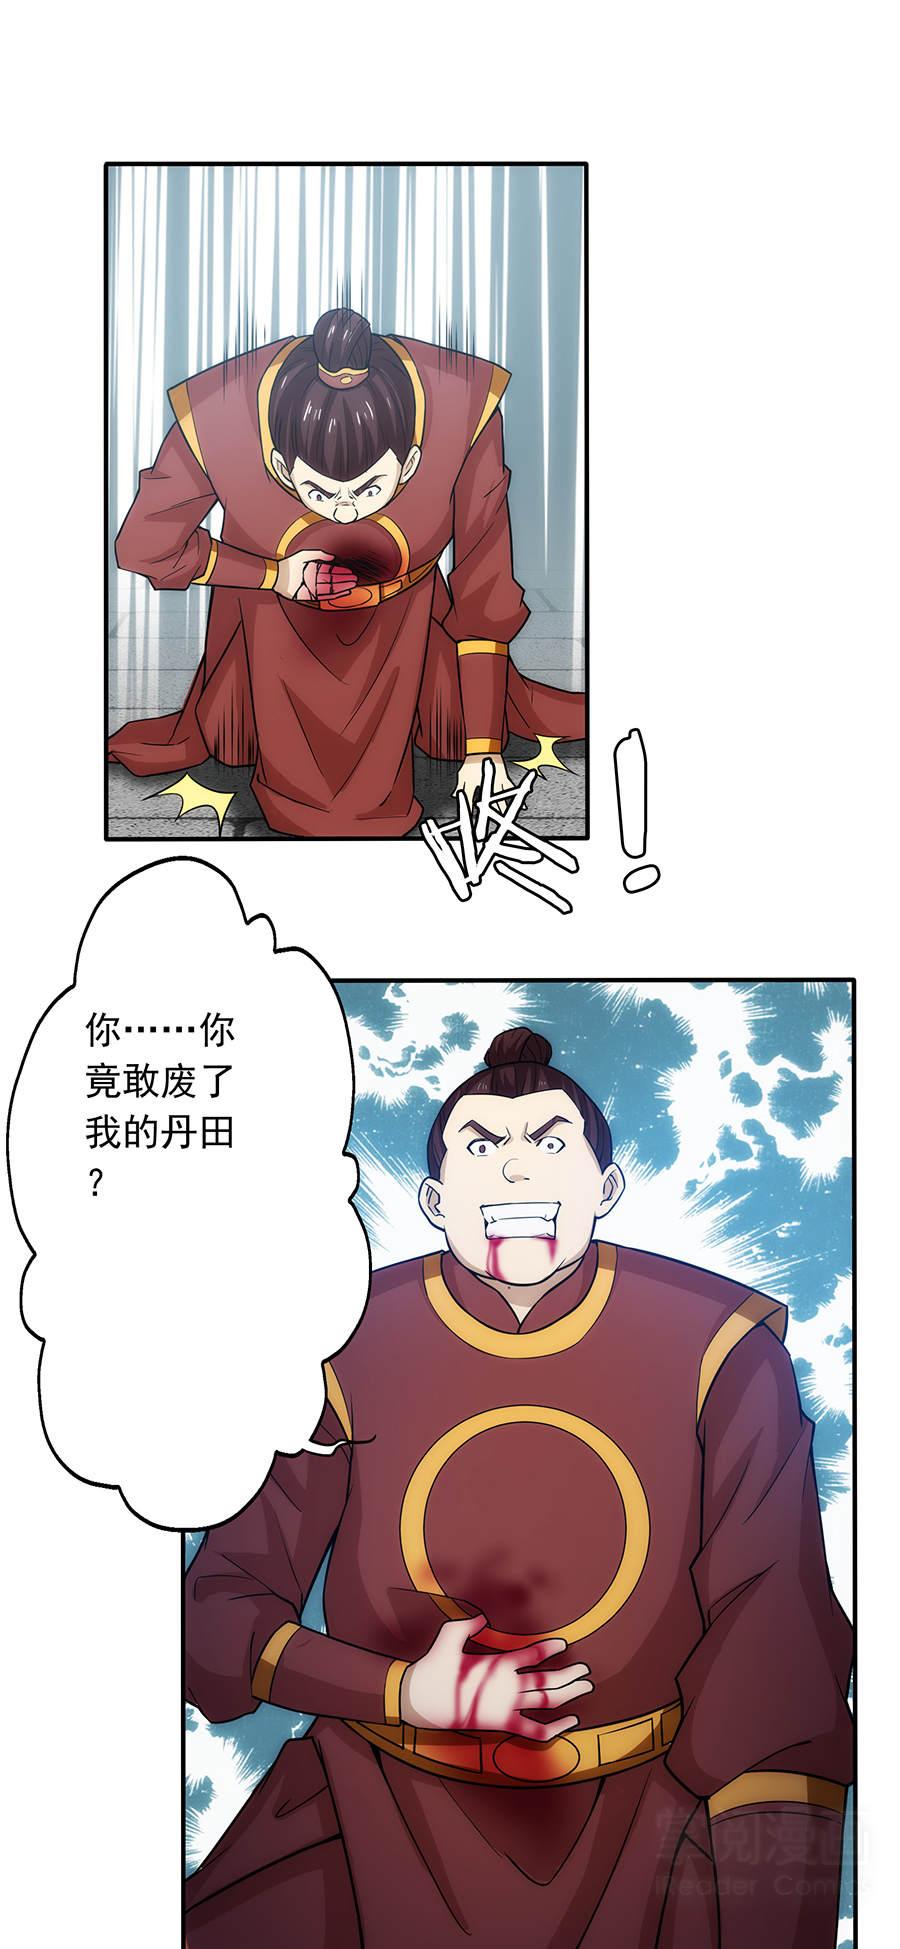 绝世剑神第5话  滔天大祸 第 8